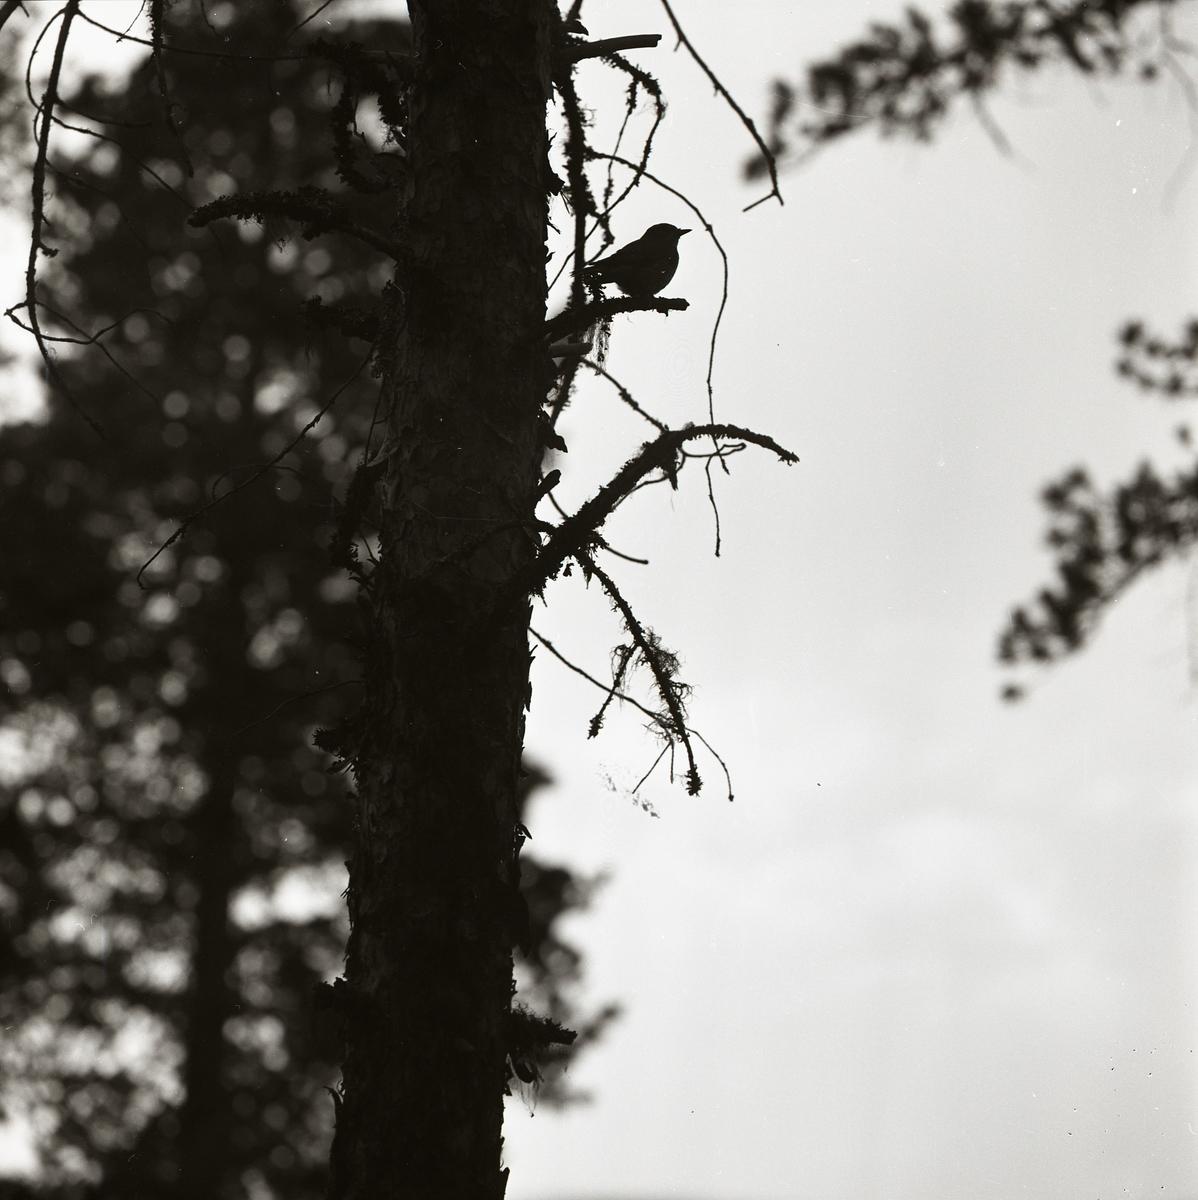 Det är en molnig sommardag 1961 och en flugsnappare har landat på en gren. Dagens molniga väder bildar lagom starkt motljus för att fånga och framställa fågelns siluett.  .